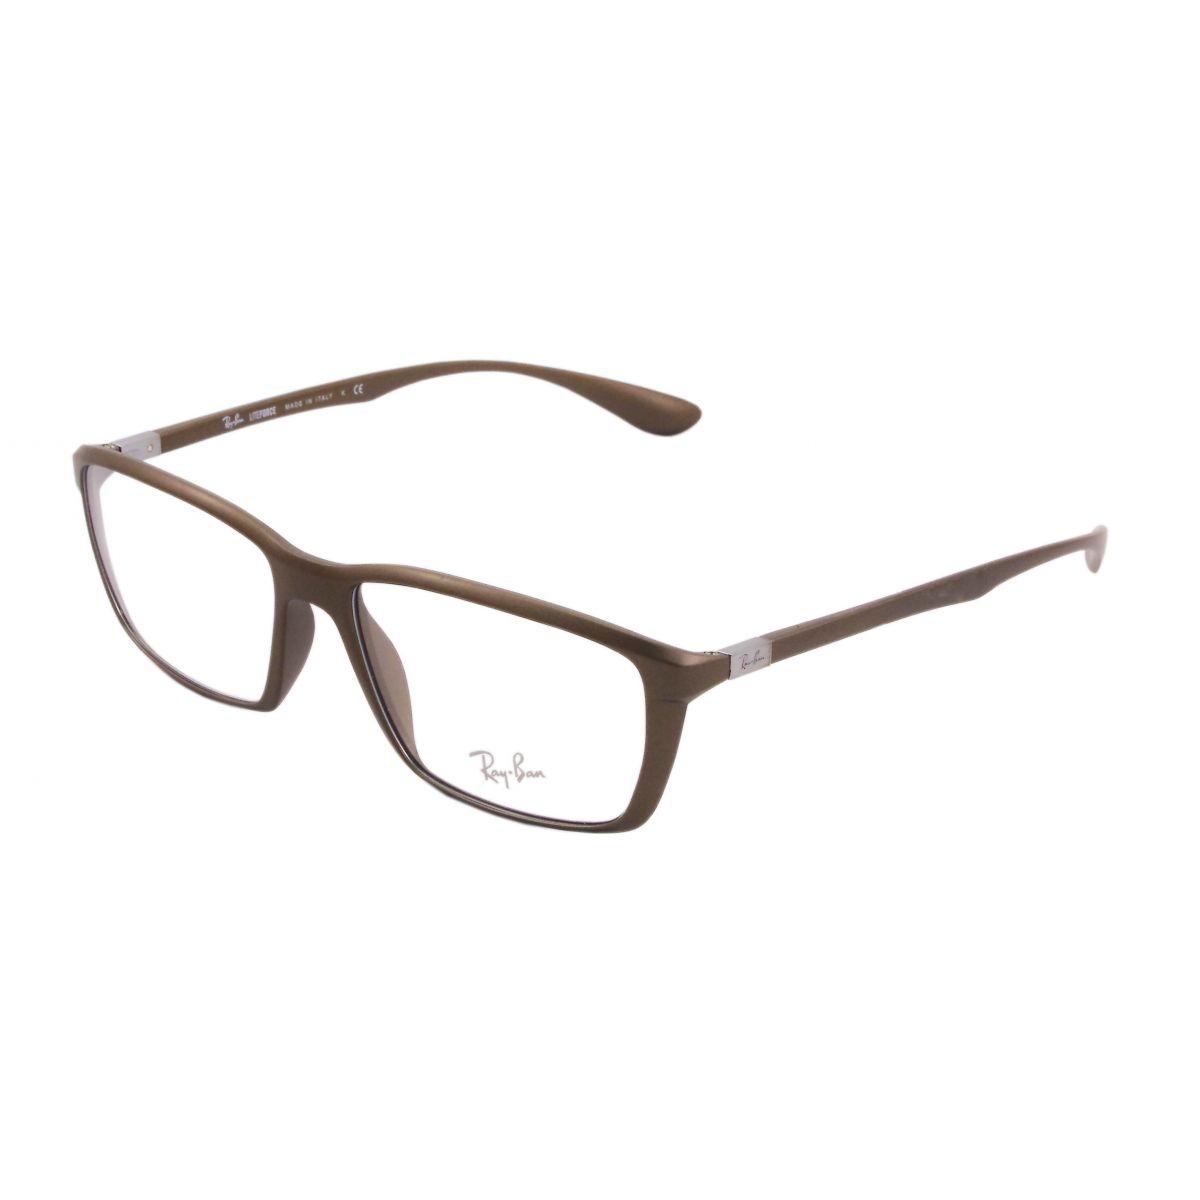 Fotos De Oculos De Grau Estilo Ray Ban « Heritage Malta 095689df19